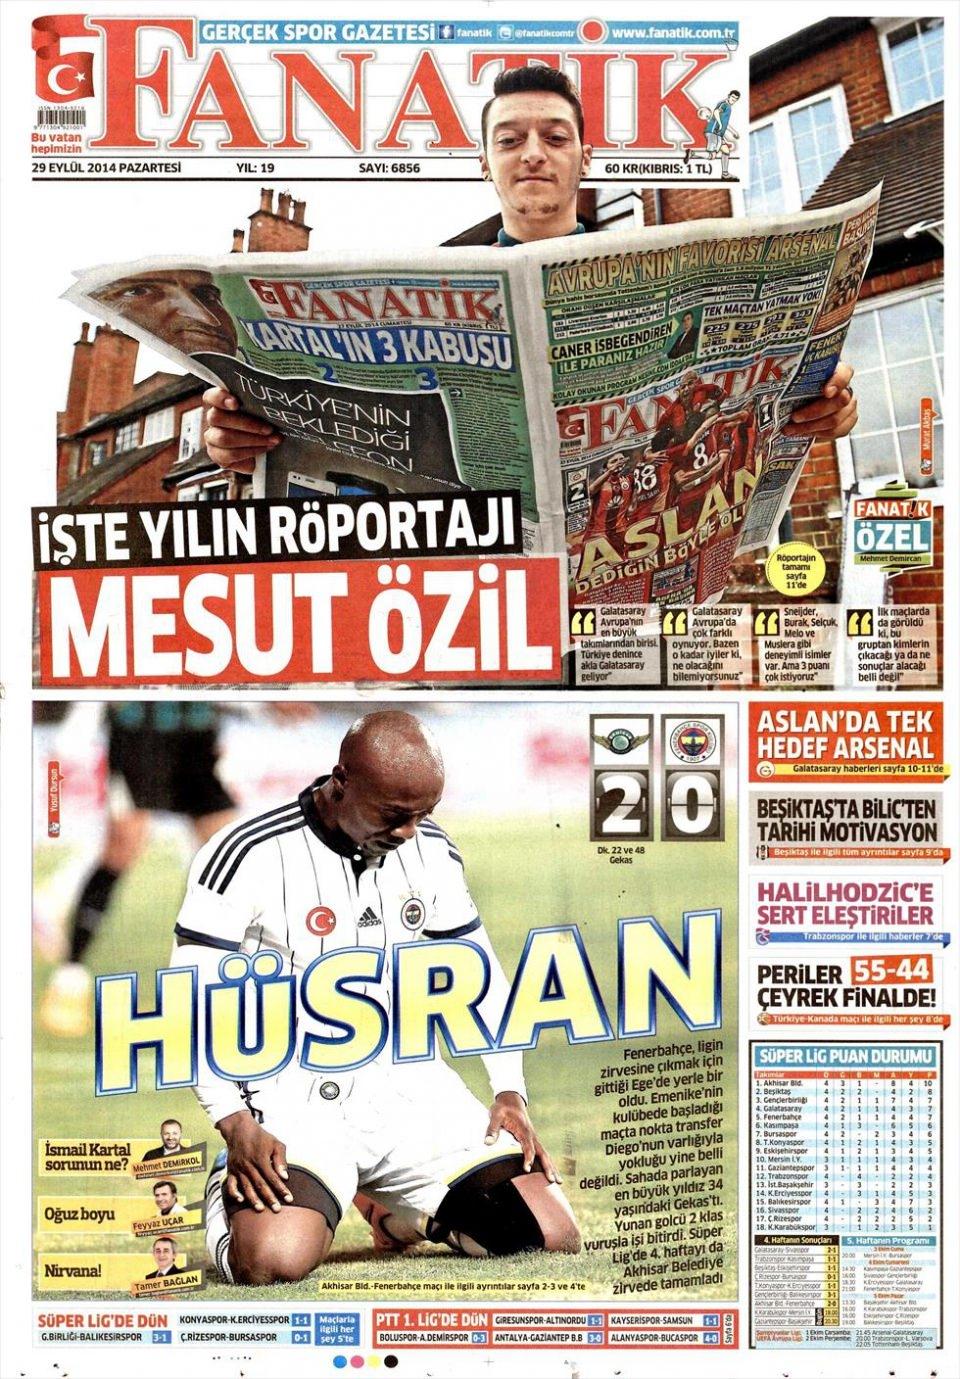 29 Eylül 2014 gazete manşetleri 7